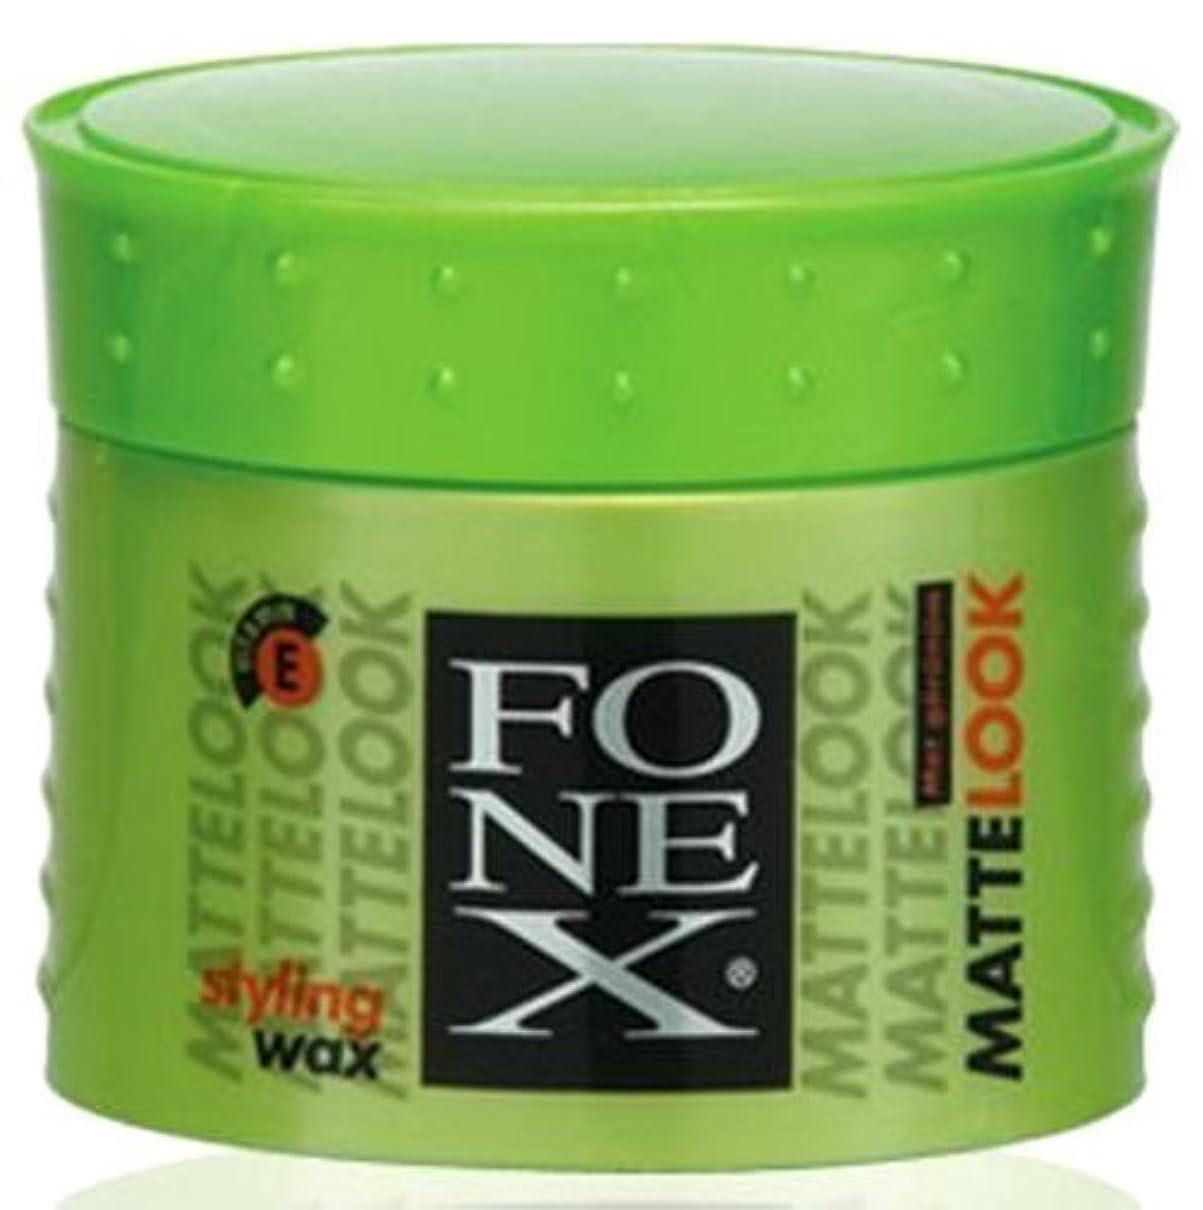 極小無効つぶやきFONEX MATTE LOOK HAIR STYLING WAX 100ML by FONEX [並行輸入品]